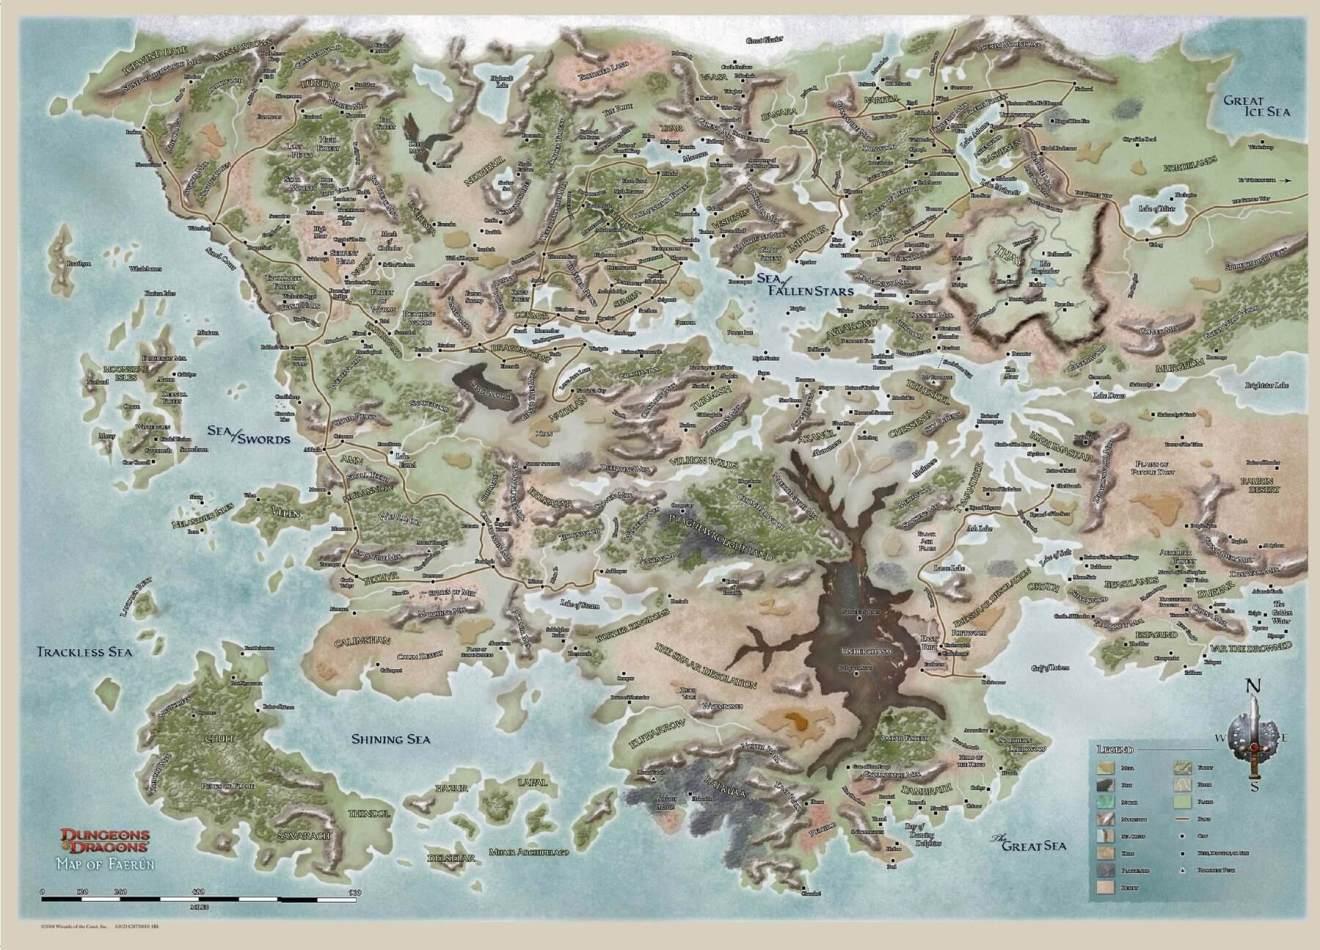 ded foto 2 - Dungeons & Dragons pode virar filme e ganha previsão de estréia